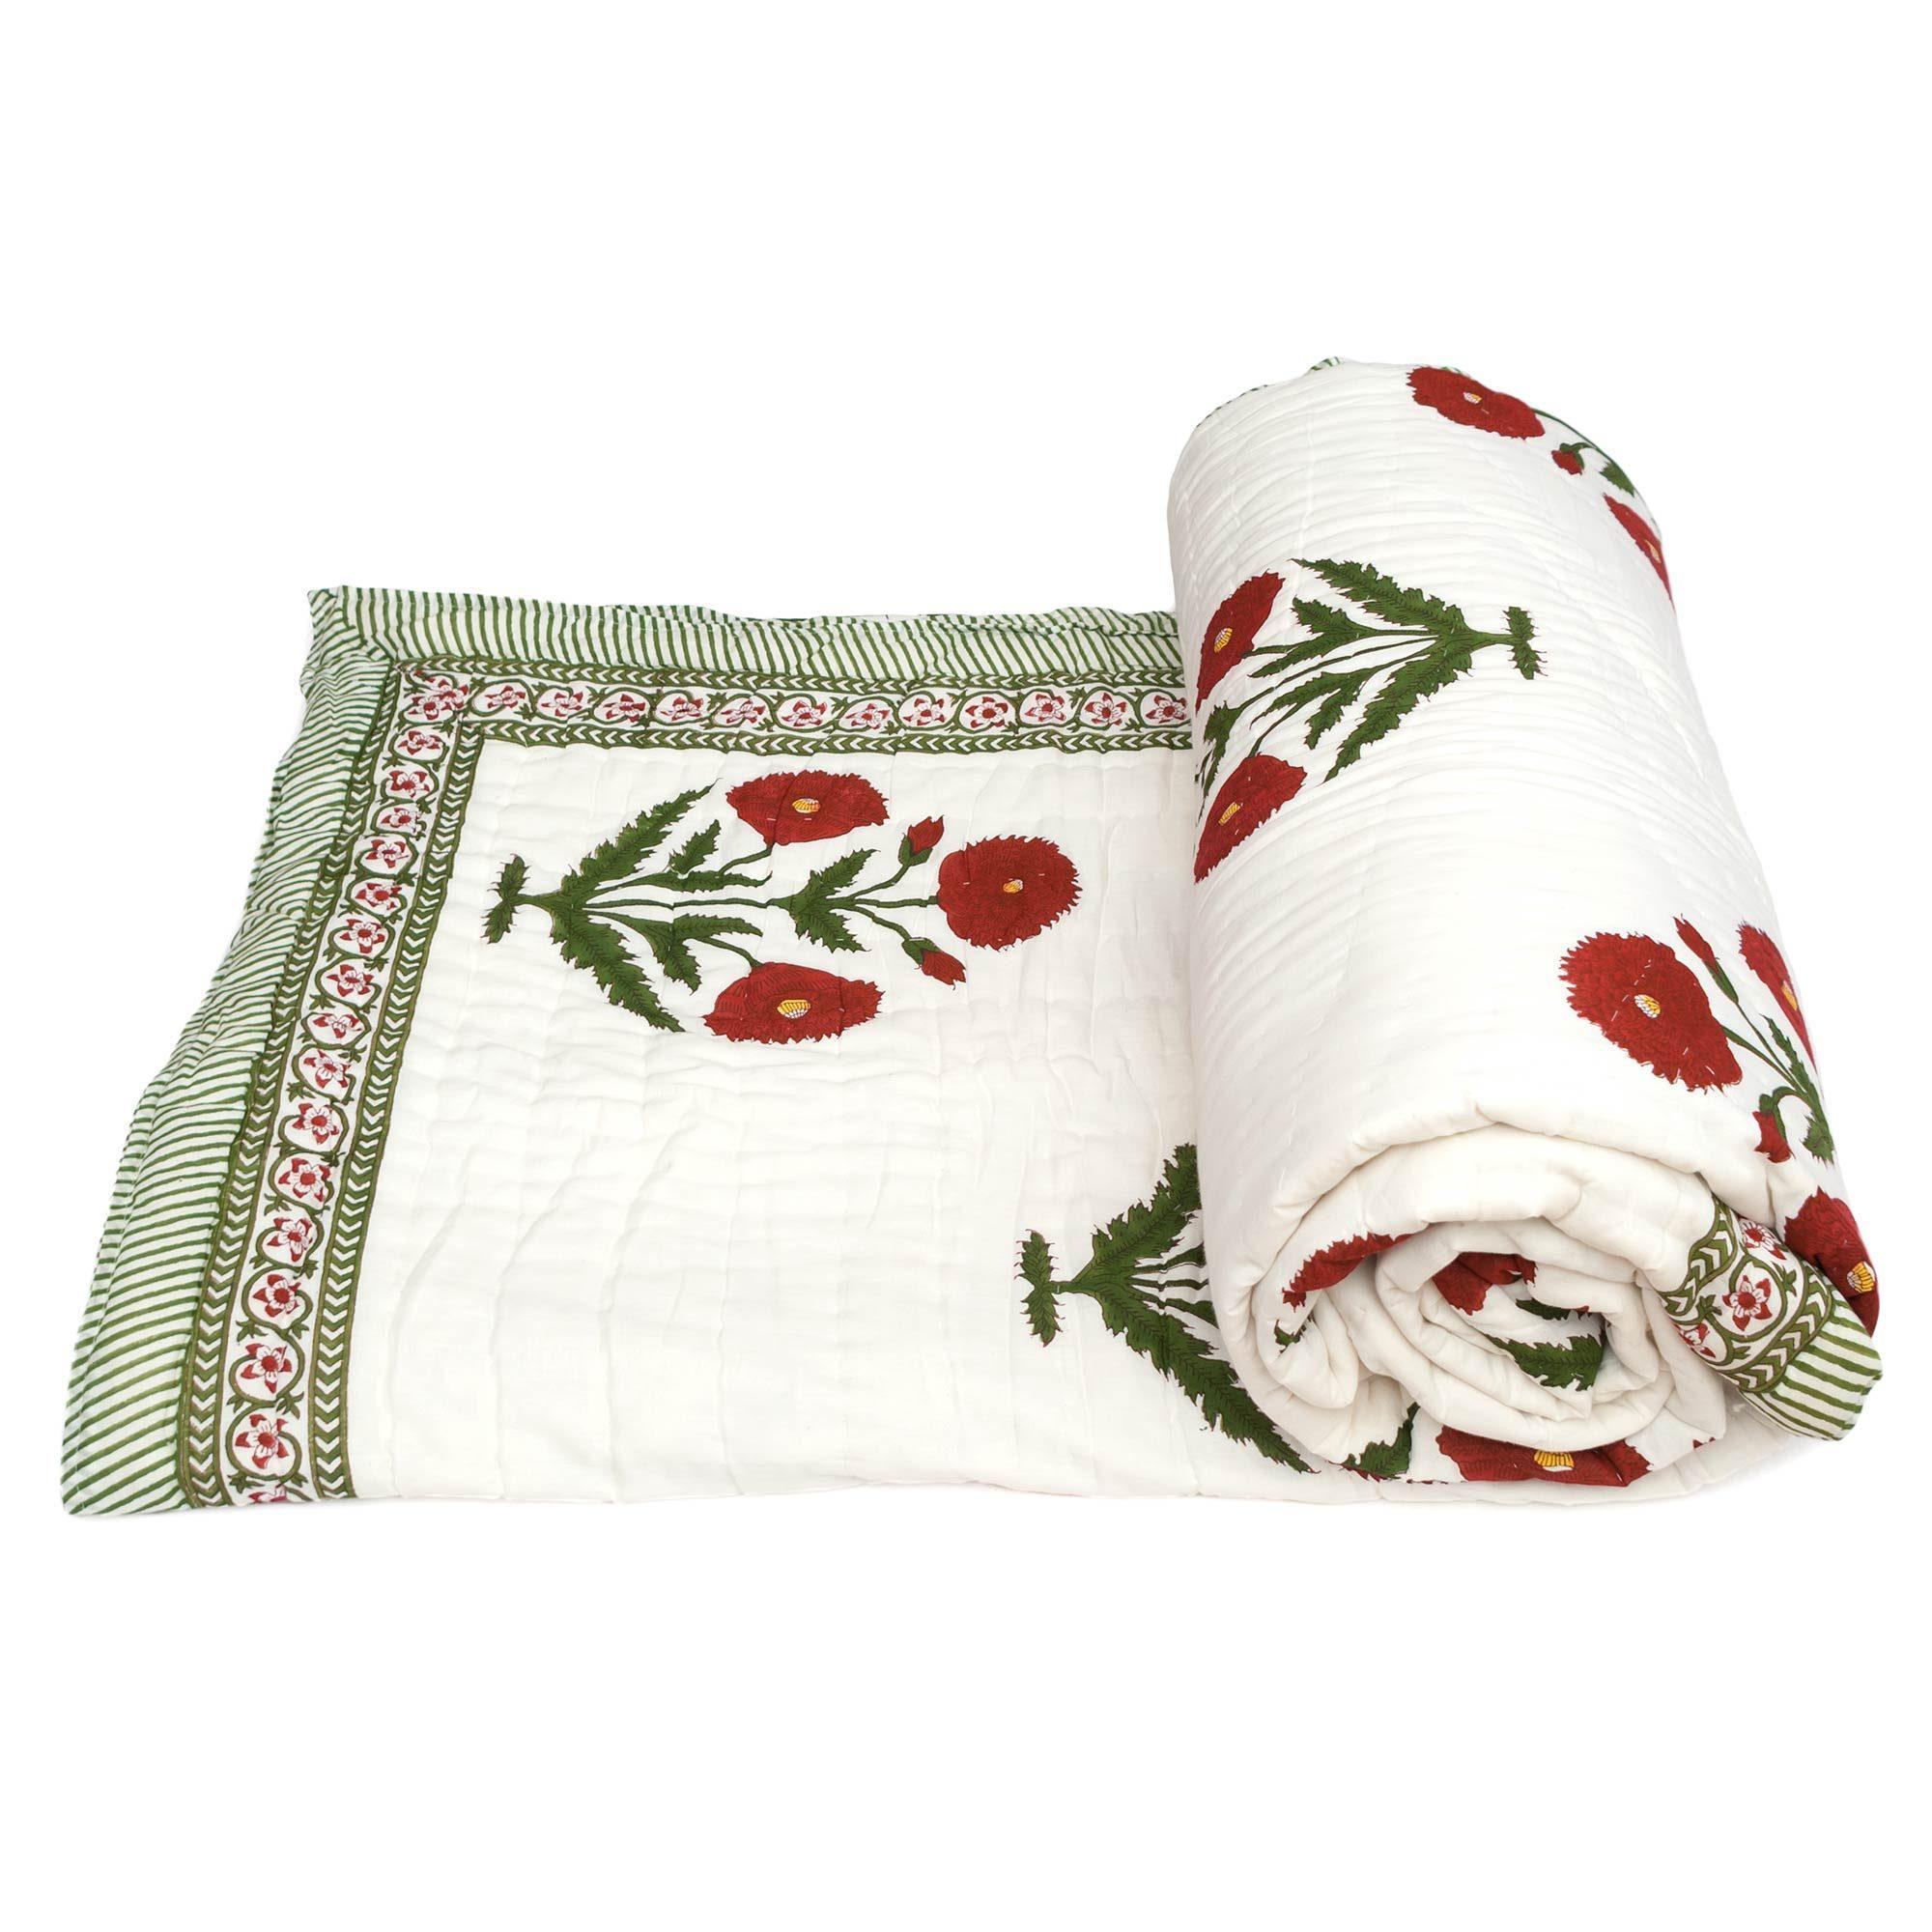 Tara-Textile - indische Decke - Leichte Decke Sarisha